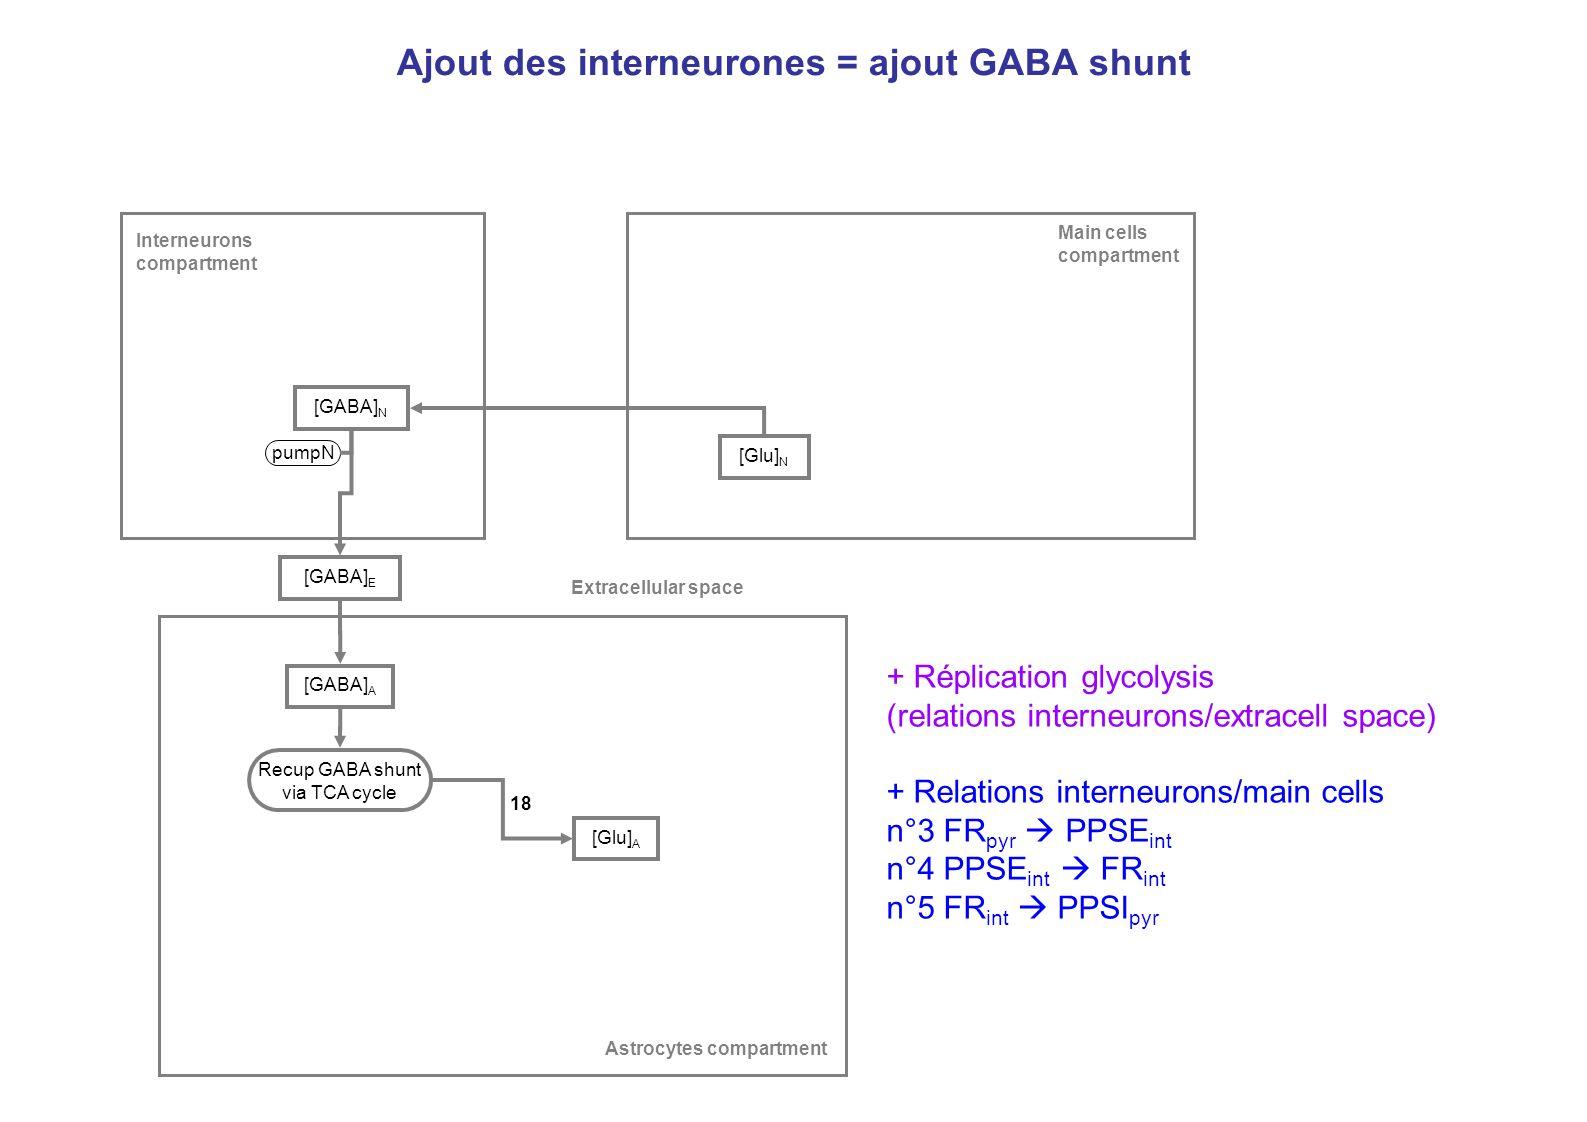 Ajout des interneurones = ajout GABA shunt